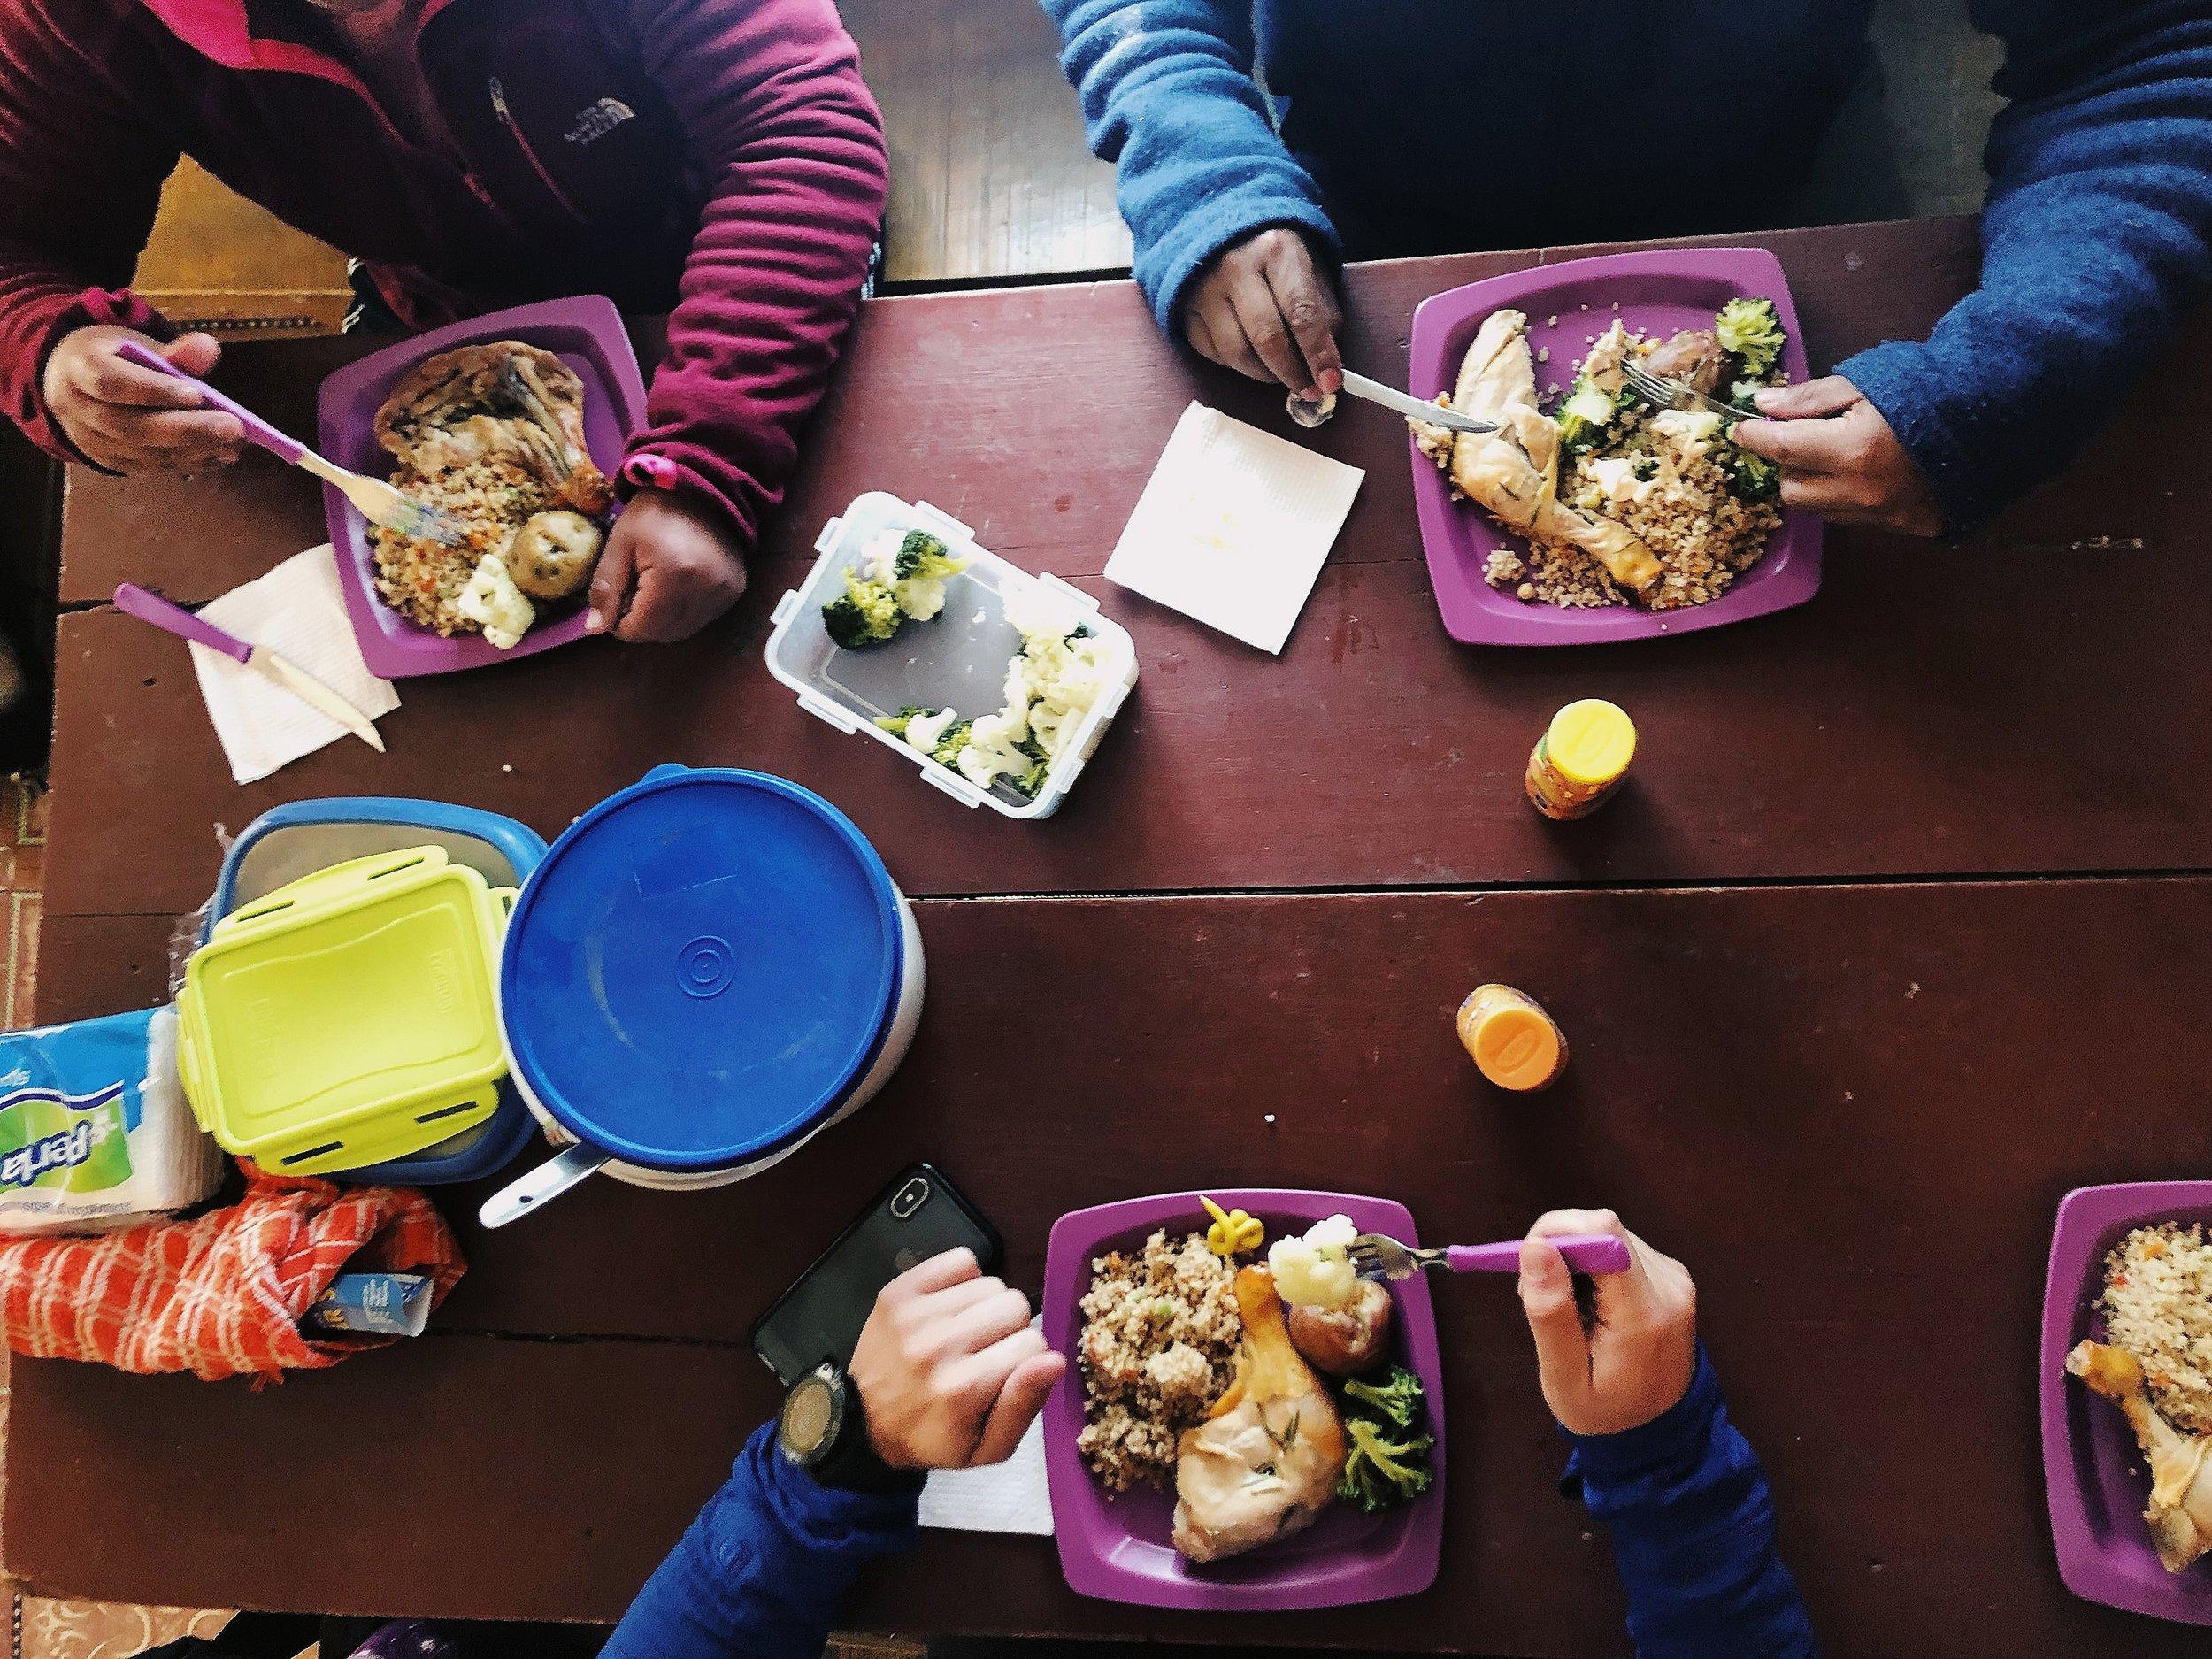 Team lunch at Condoriri